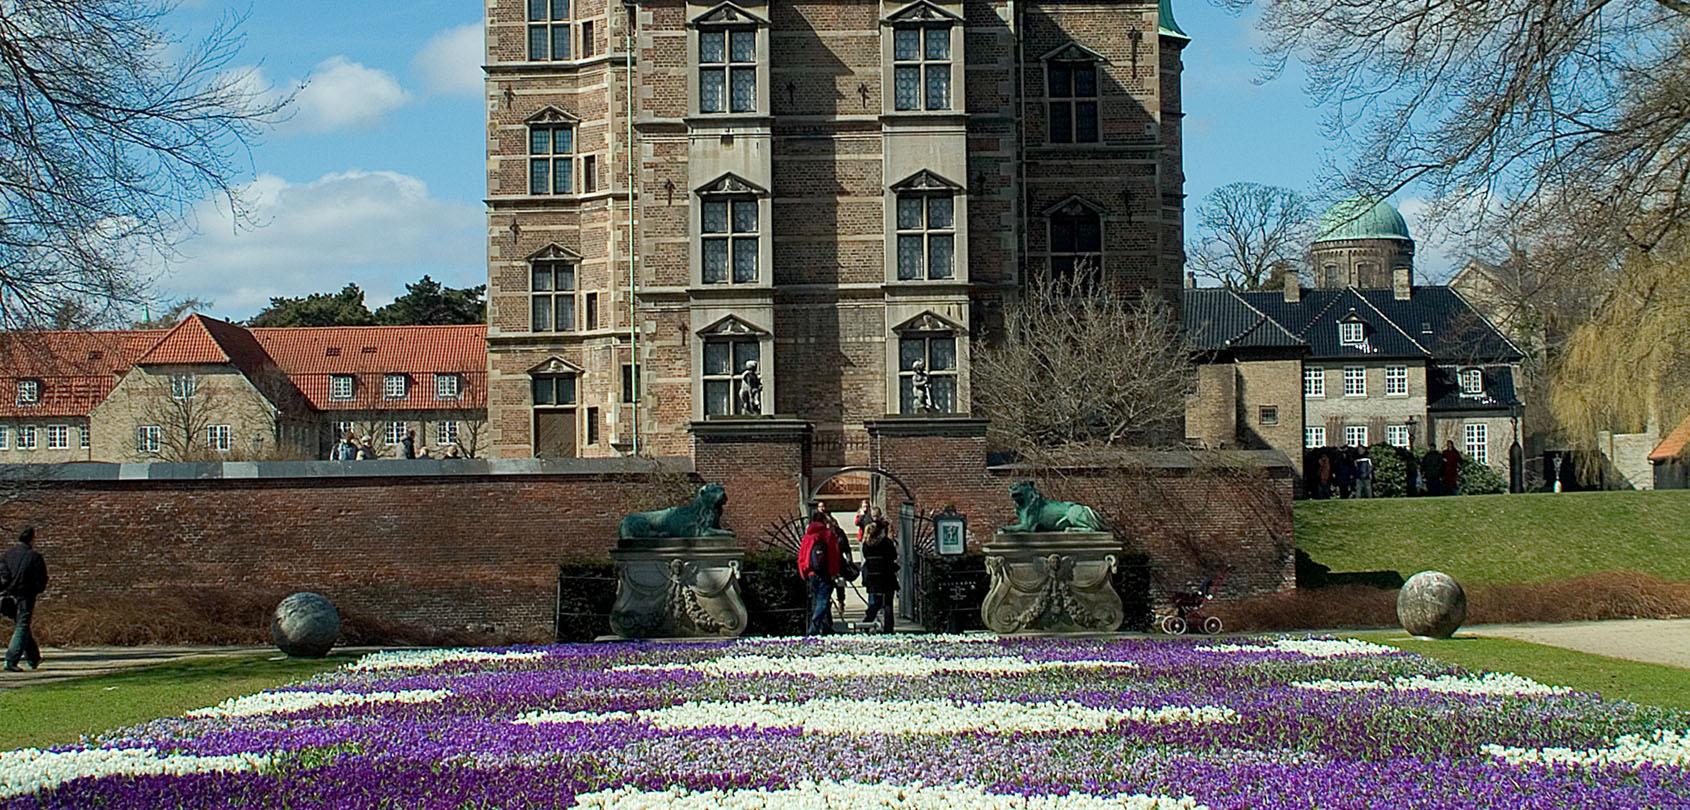 Krokustæppe i Kongens Have. Foto: Styrelsen for Slotte og Kulturejendomme